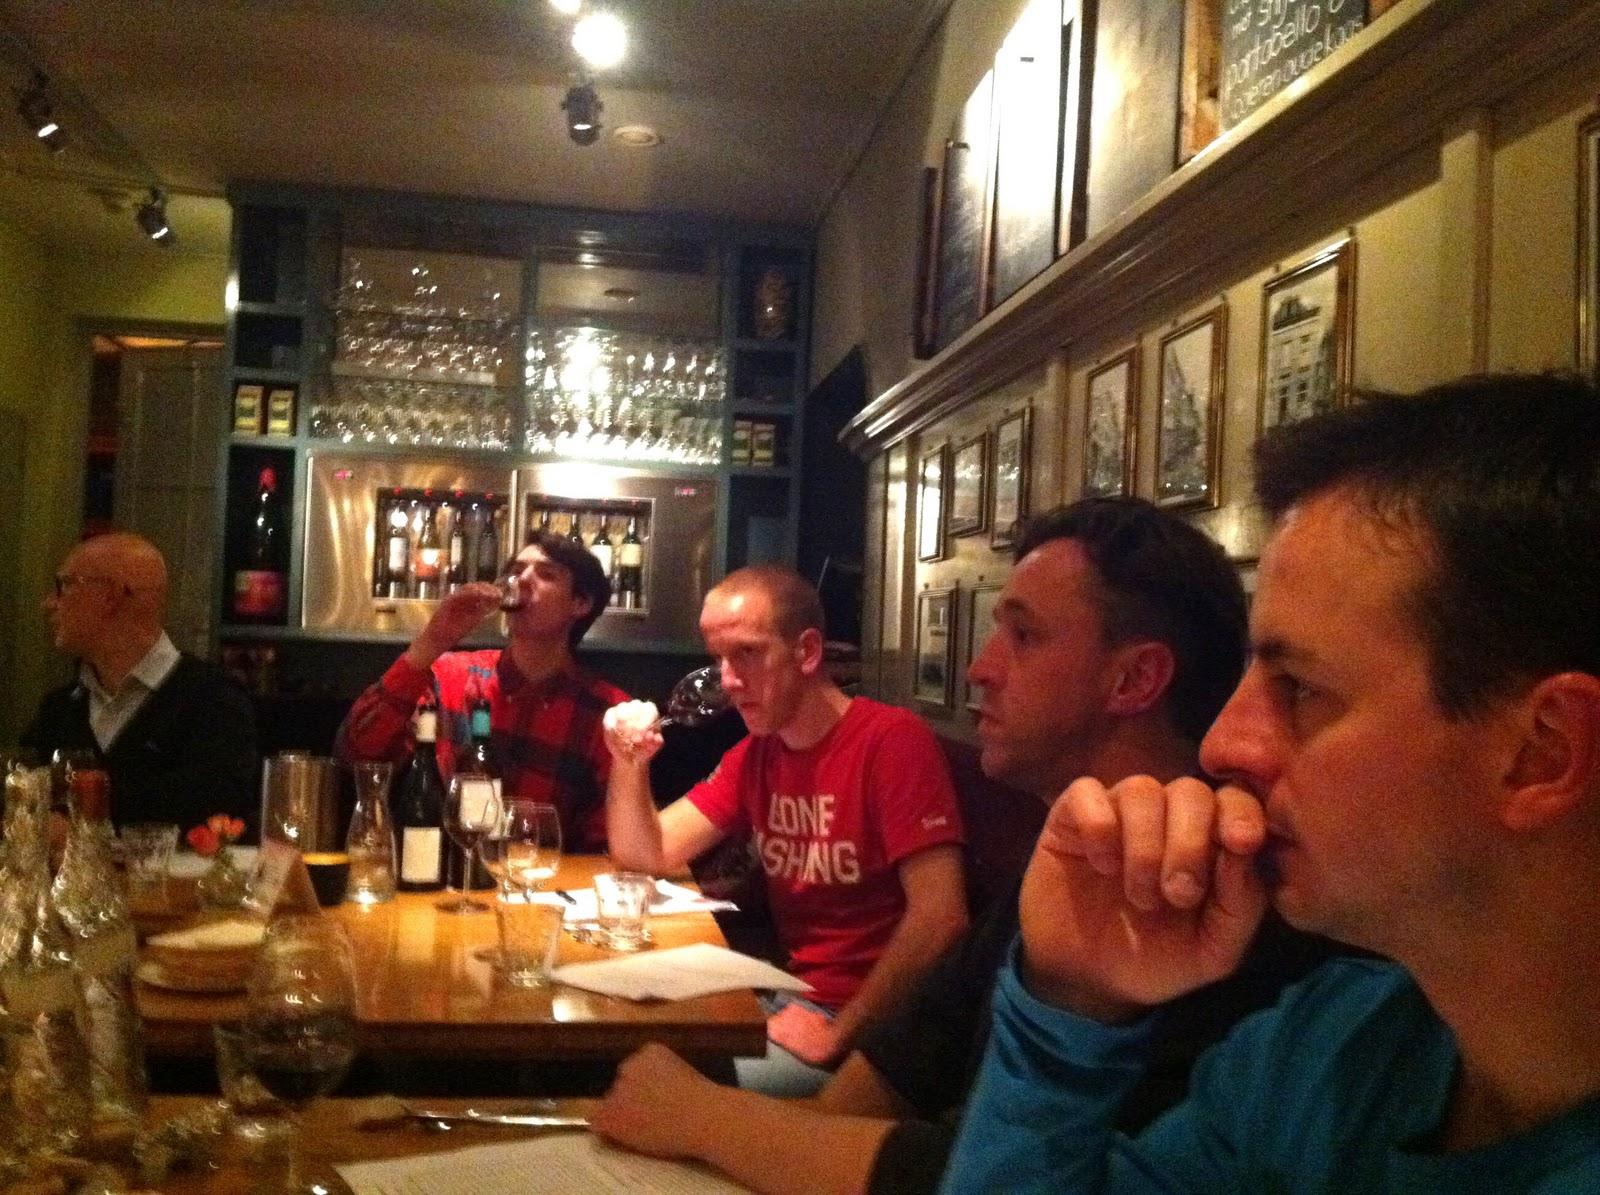 Wijn en spijs: heb je wel eens chardonnay met draadjesvlees gecombineerd?